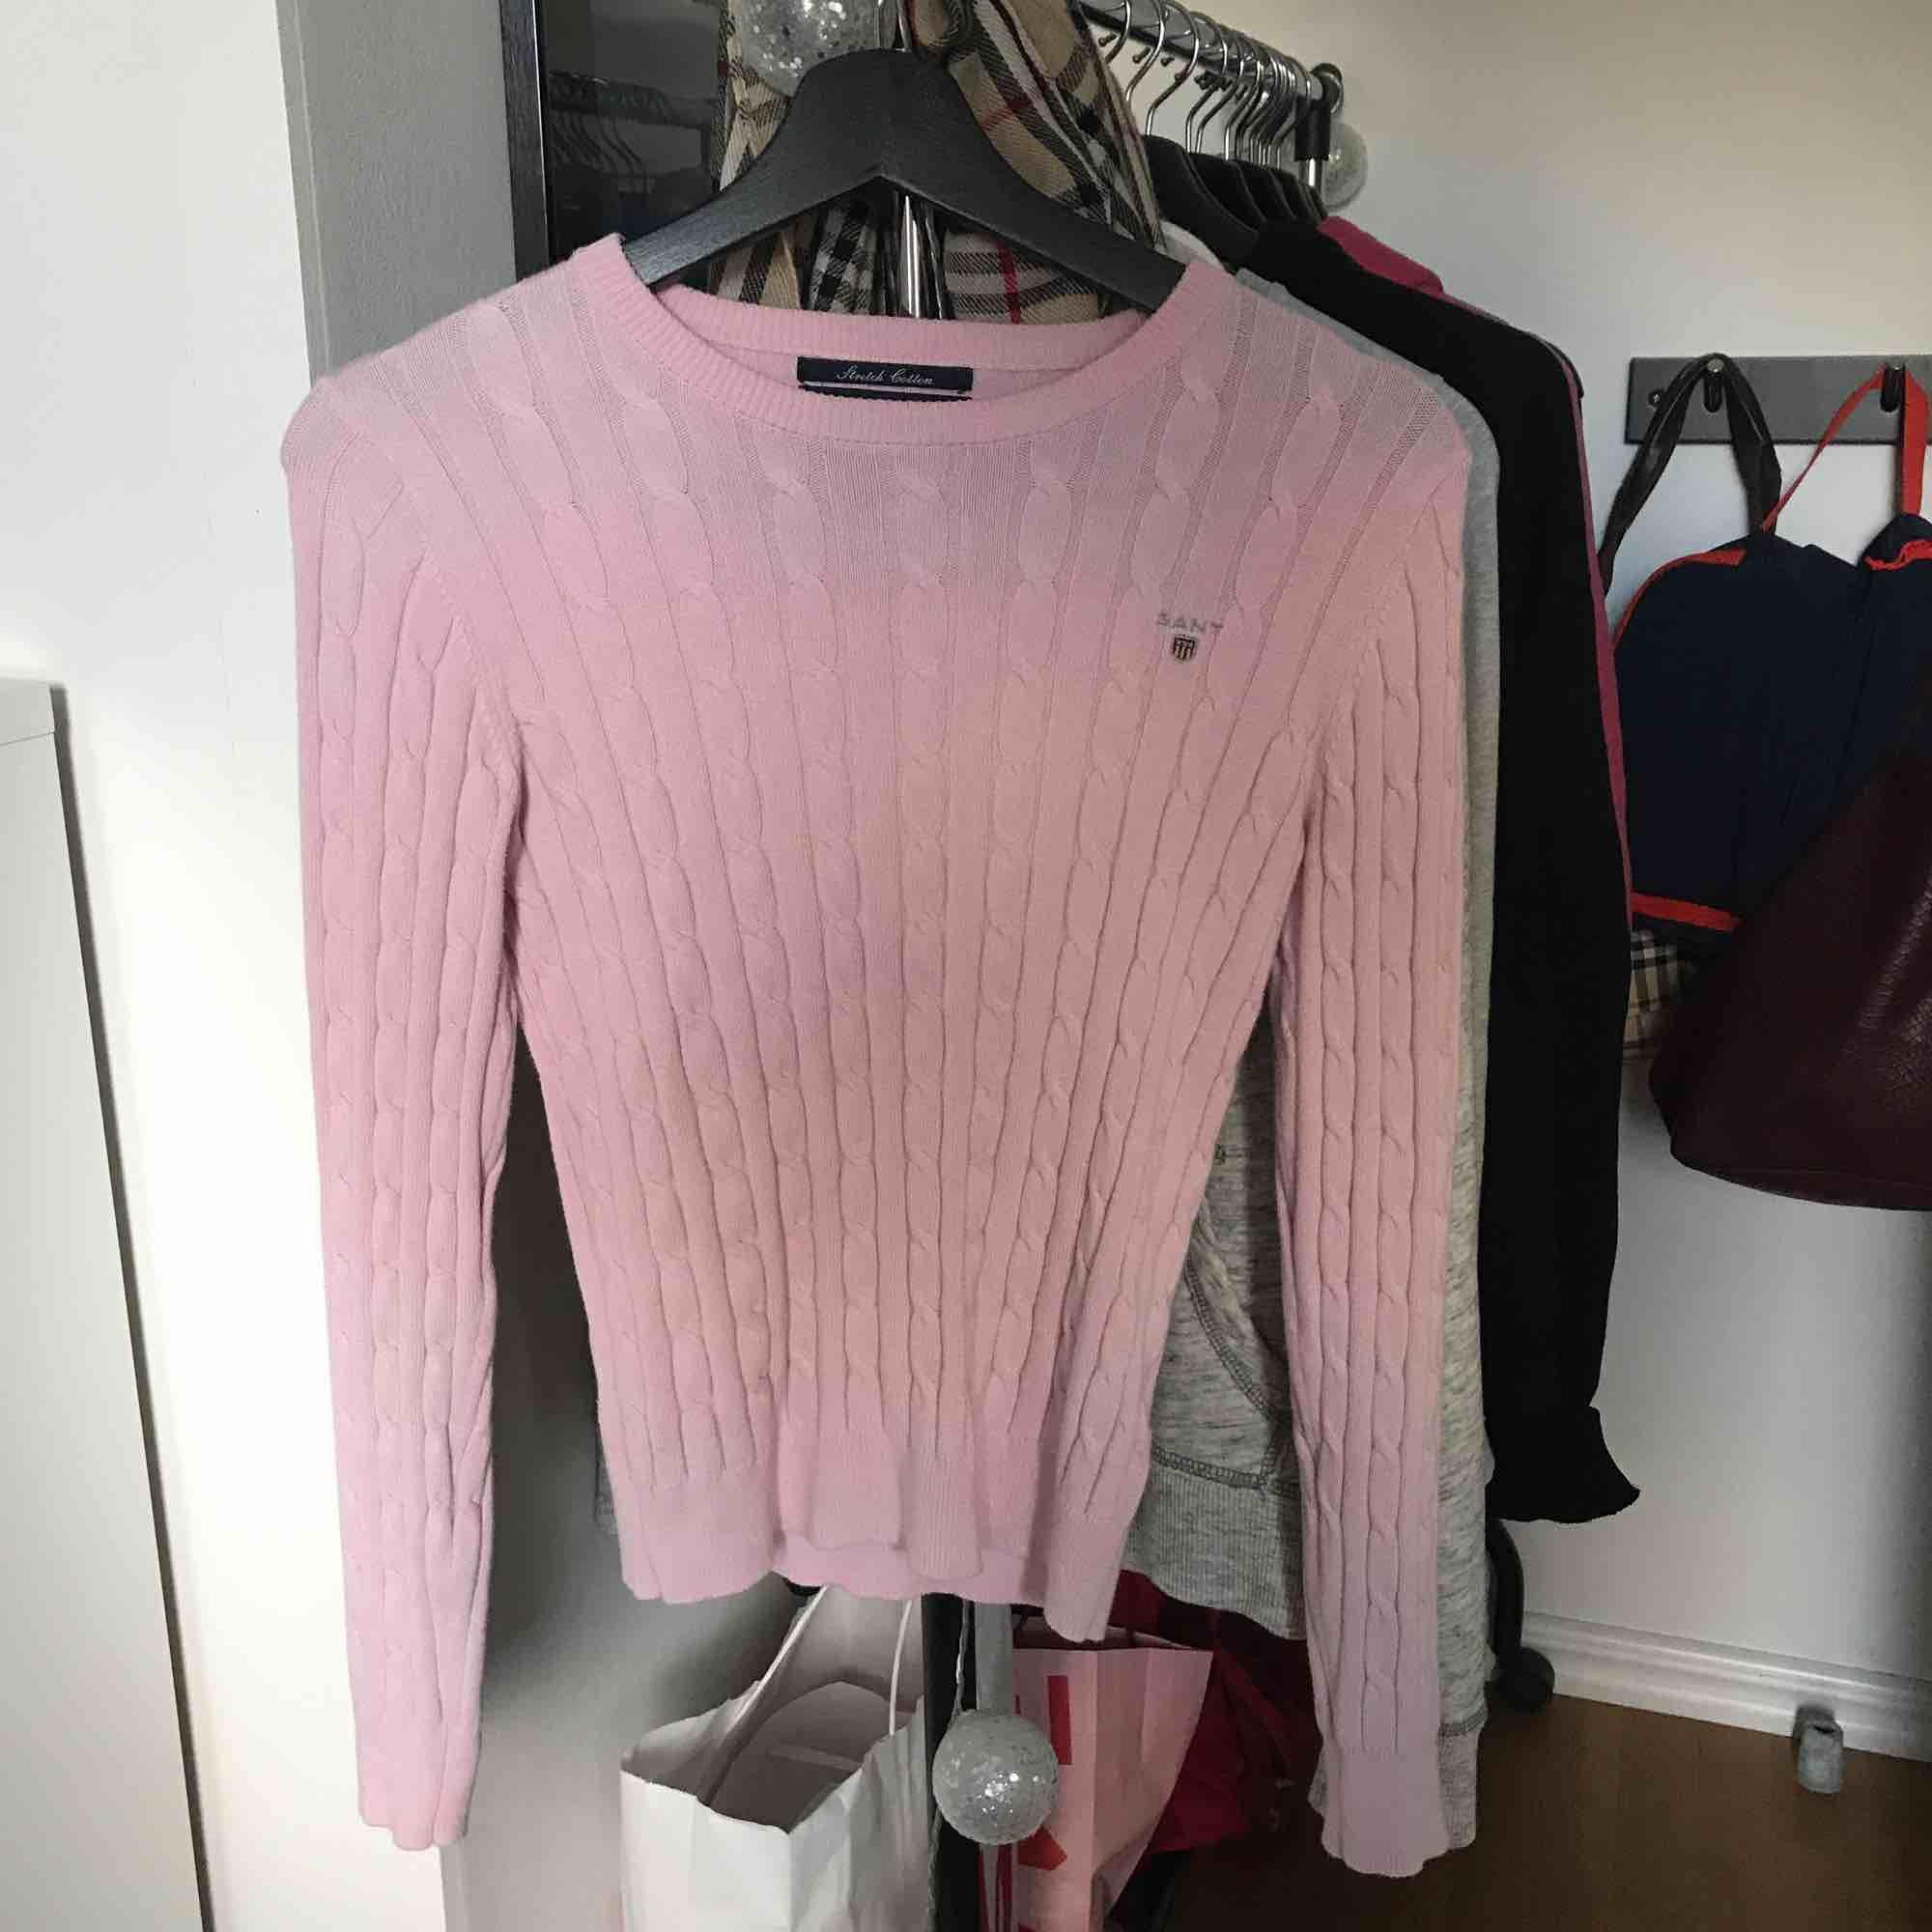 Säljer en superfin kabelstickad rosa tröja från Gant! Tröjan är i väldigt fint skick och sparsamt använd, inköpspris - 1000 kr Skicka meddelande vid intresse så kommer vi övertänd om ett pris 🥰. Tröjor & Koftor.